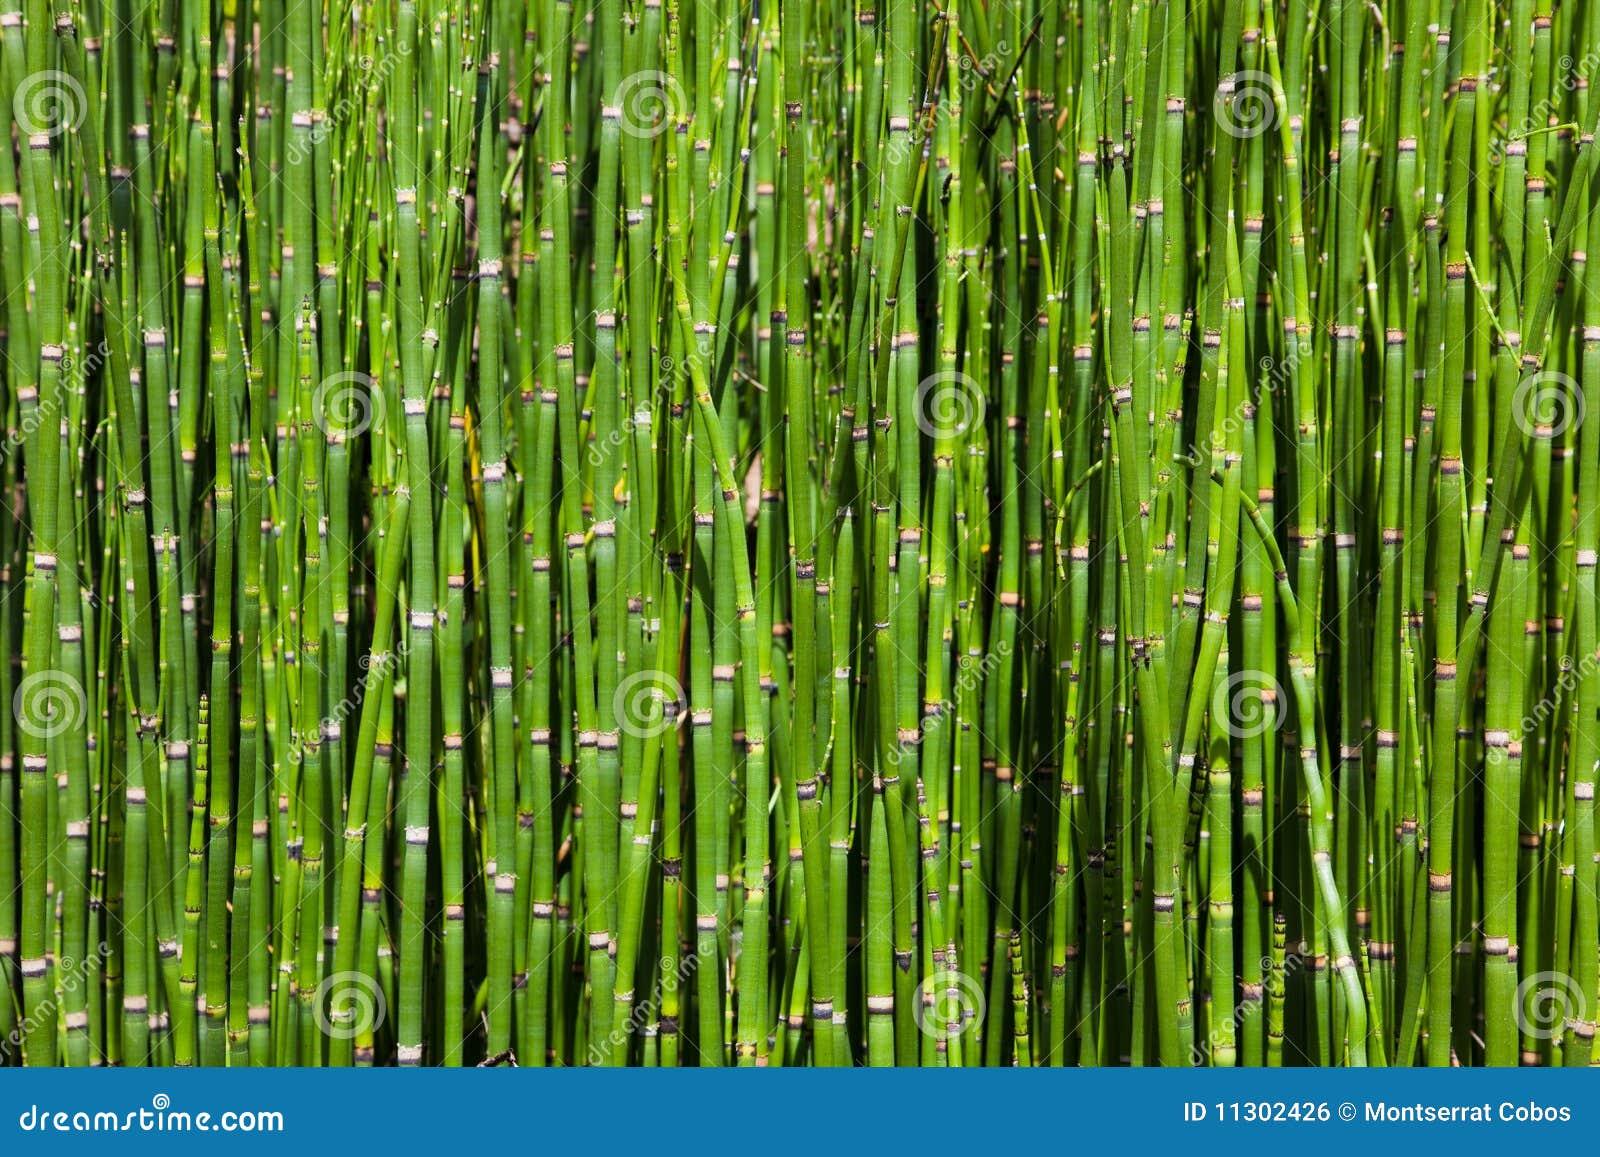 Bambuswaldung